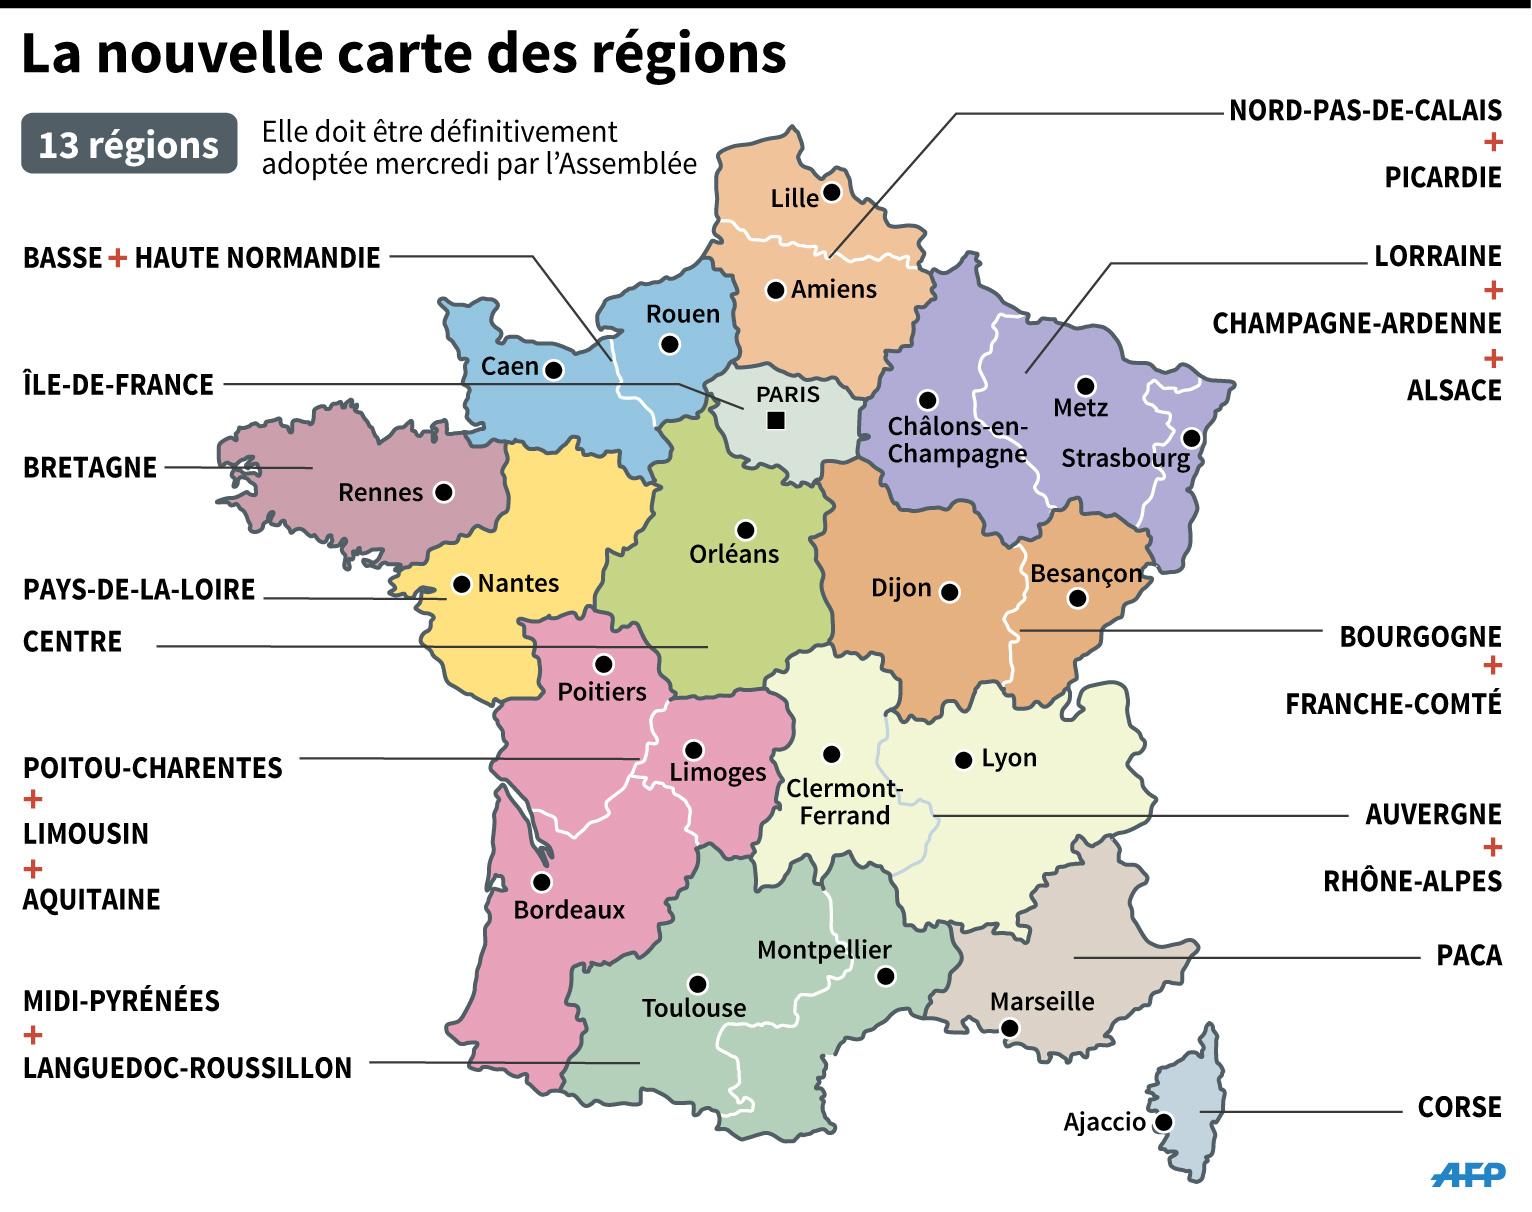 Sondage : Les Français Très Partagés Face Aux Nouvelles Régions intérieur Carte Des 13 Nouvelles Régions De France